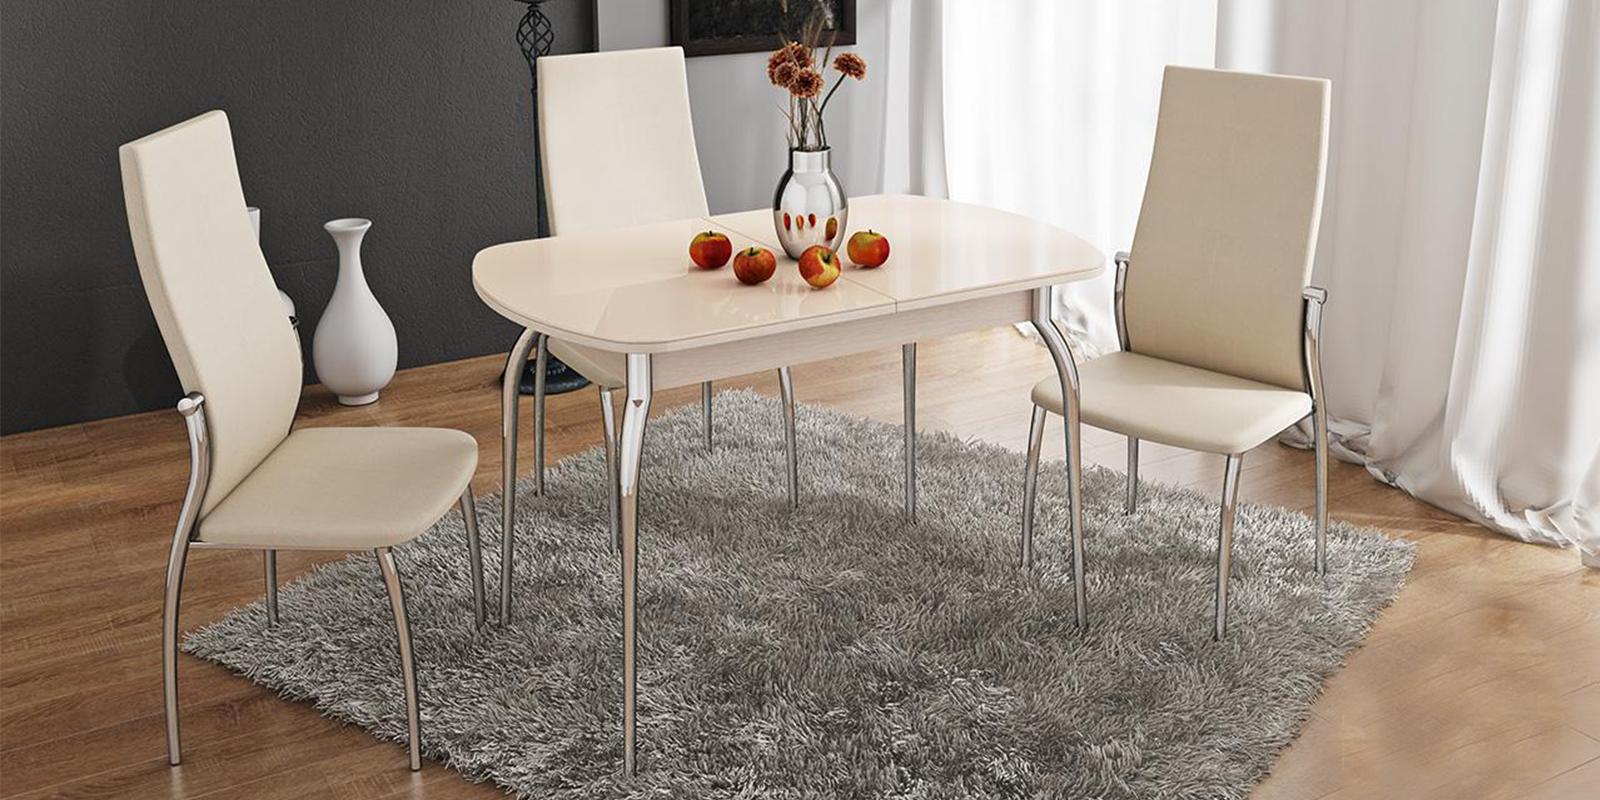 Обеденный стол Квартет (дуб белфорт/стекло бежевое) Квартет